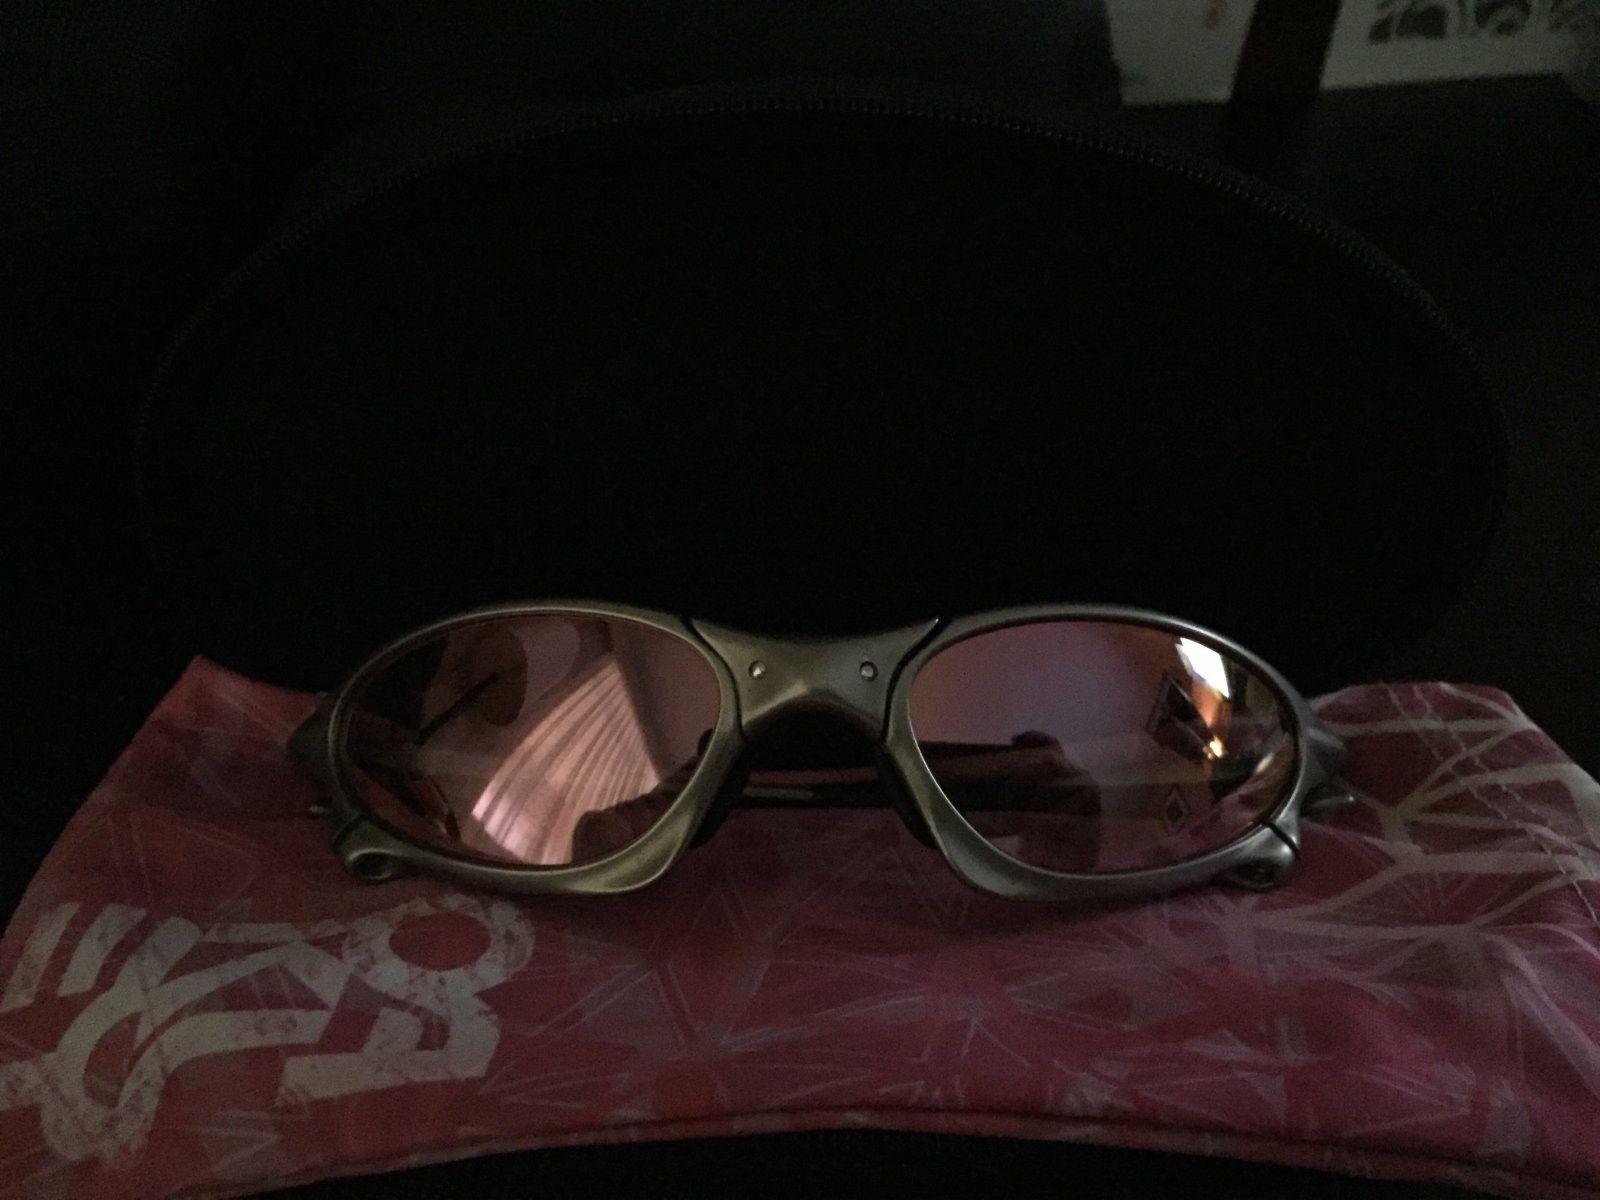 Pink Pennys - image1.JPG